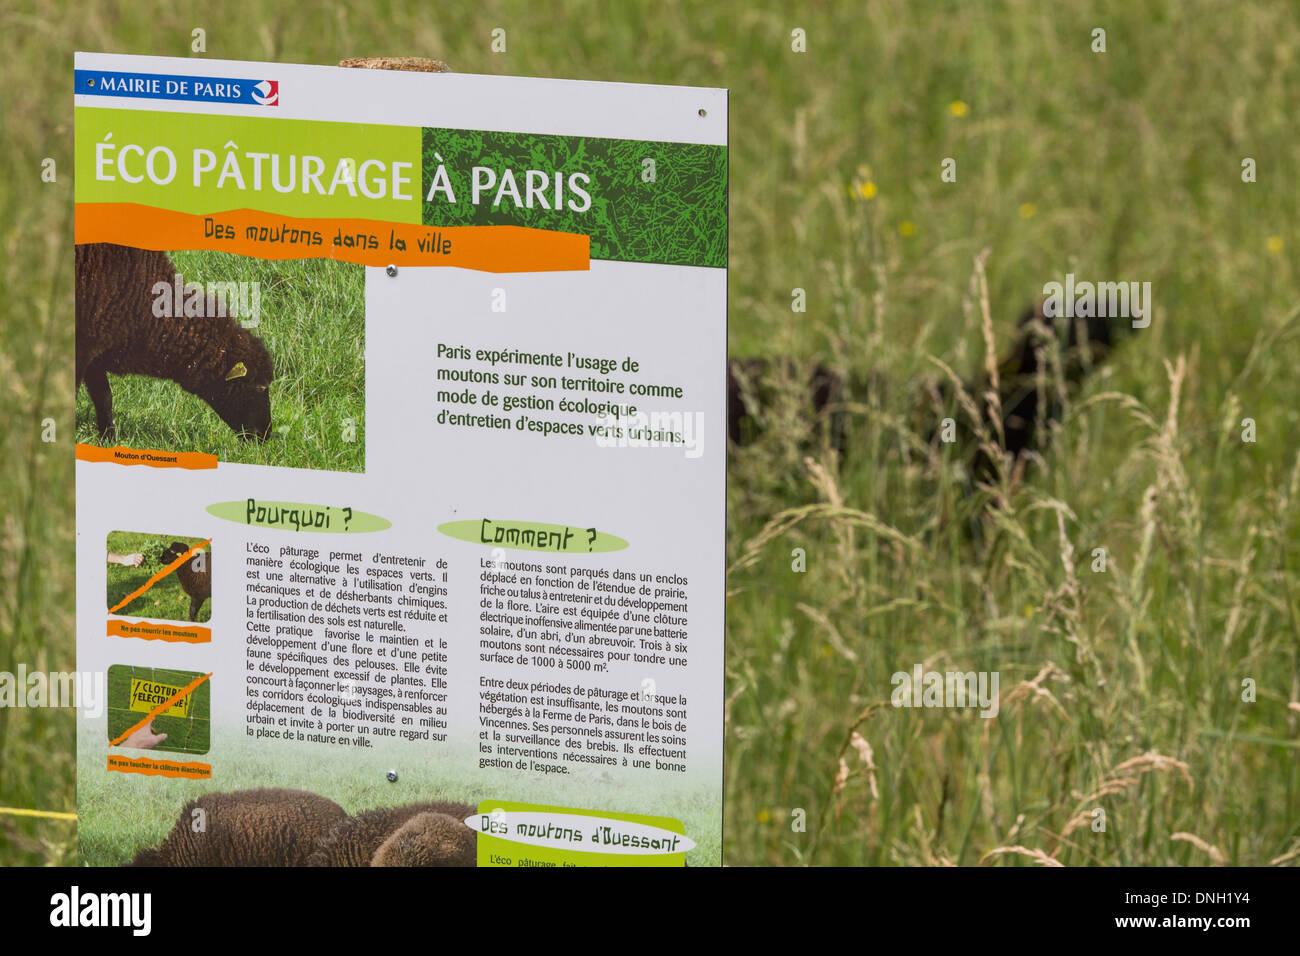 ECO-PASTURE AT THE ARCHIVES OF PARIS, BOULEVARD SERURIER, PARIS 19 EME ARRONDISSEMENT - Stock Image